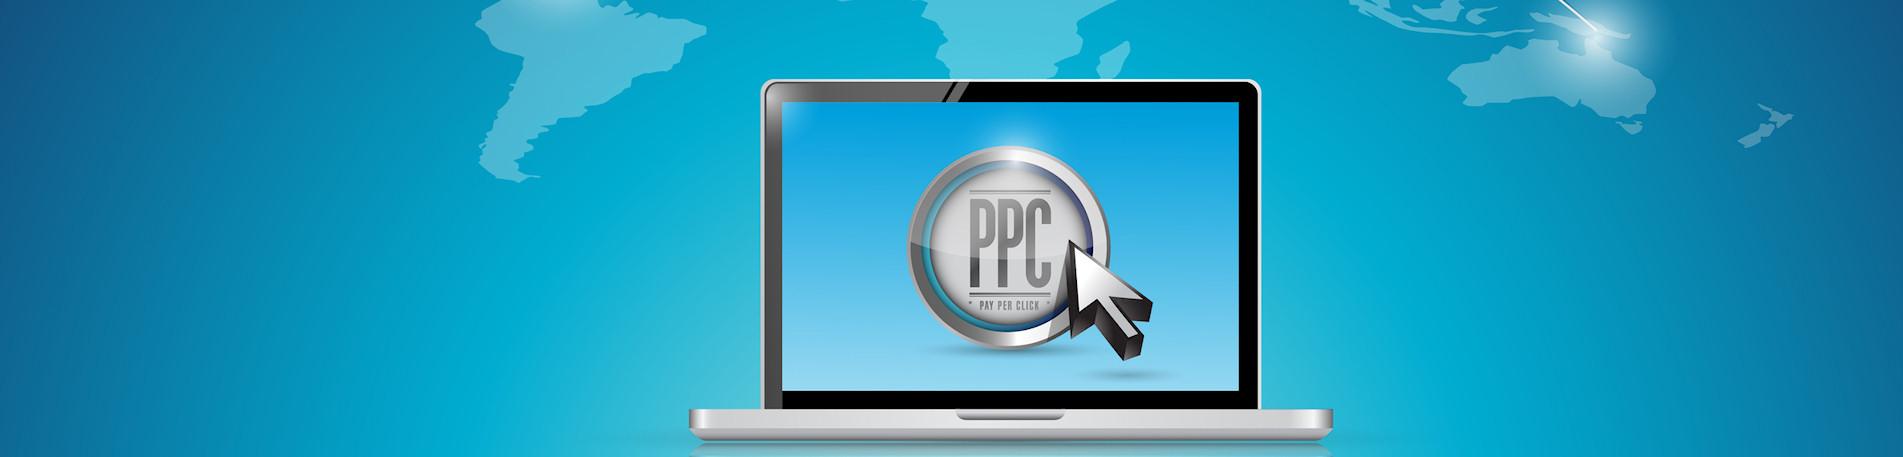 ppc-worldwide-1903x4572